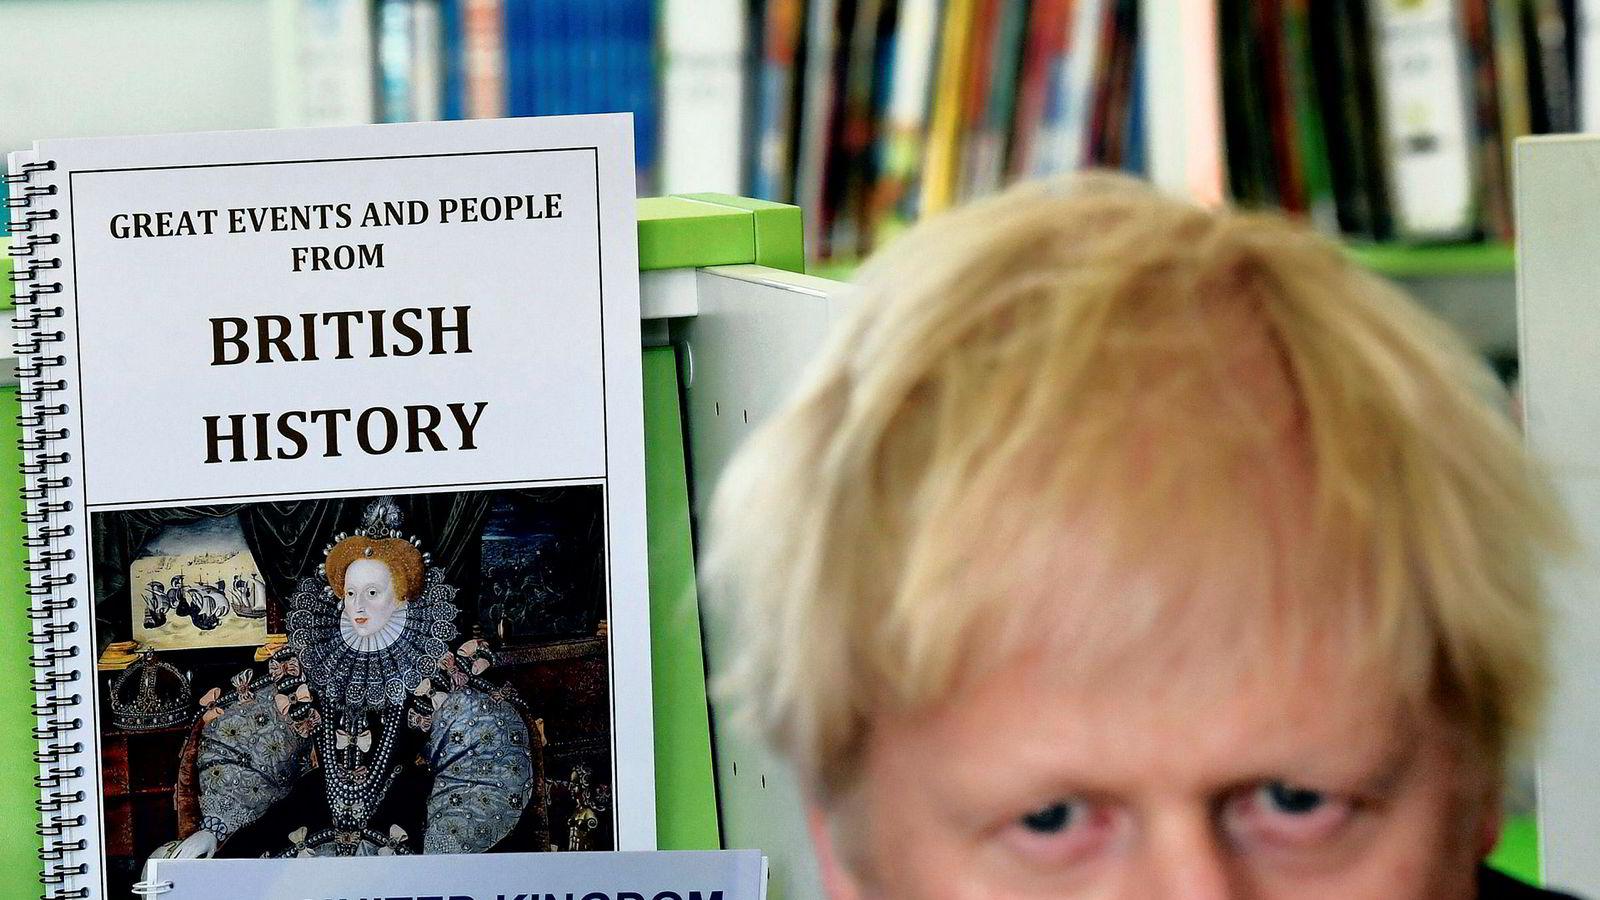 Boris Johnson stengte tirsdag Parlamentet og dro på skolebesøk. Labours skyggeminister for internasjonal handel Barry Gardiner kommenterte at «For 370 år siden henrettet vi en konge for å stenge Parlamentet på denne måten». Onsdag slo skotske dommer fast at også Johnson handlet ulovlig. Men Boris beholder nok hodet.